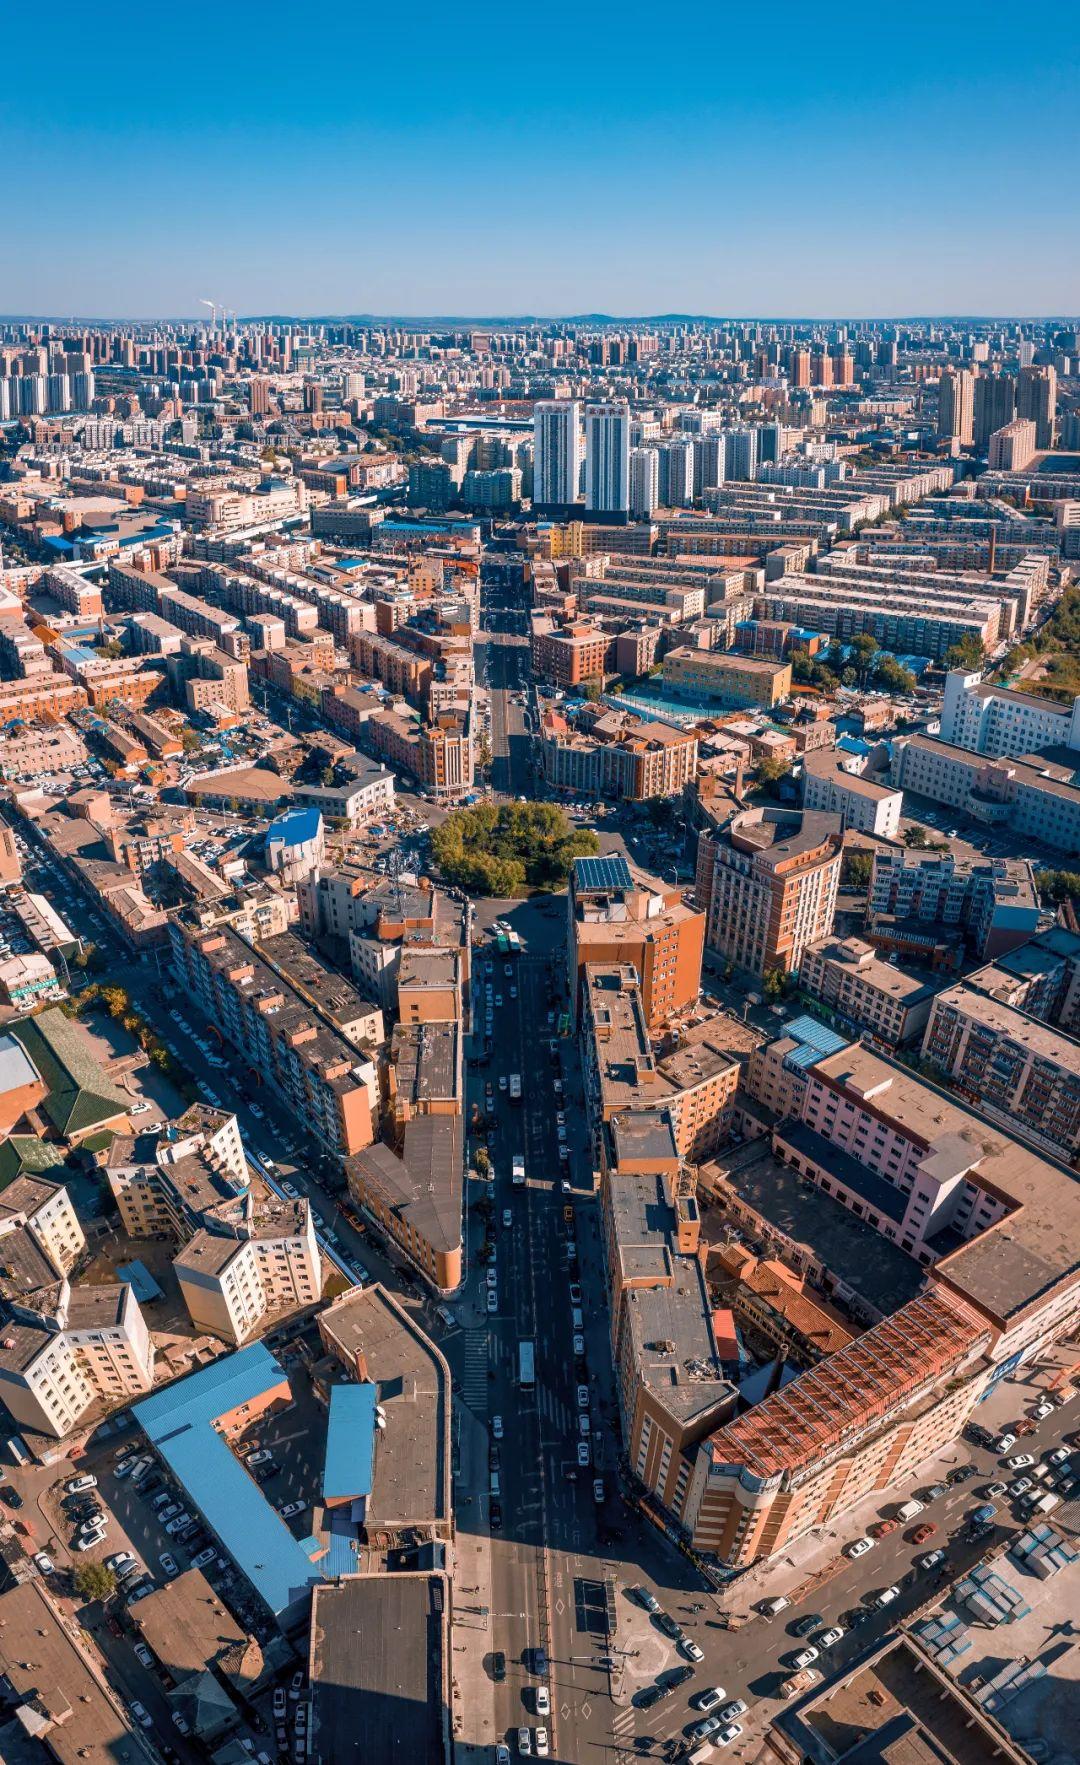 ▲ 长春,东北的城市大多建在平原之上,从高空可以望见地平线。 摄影/王禹